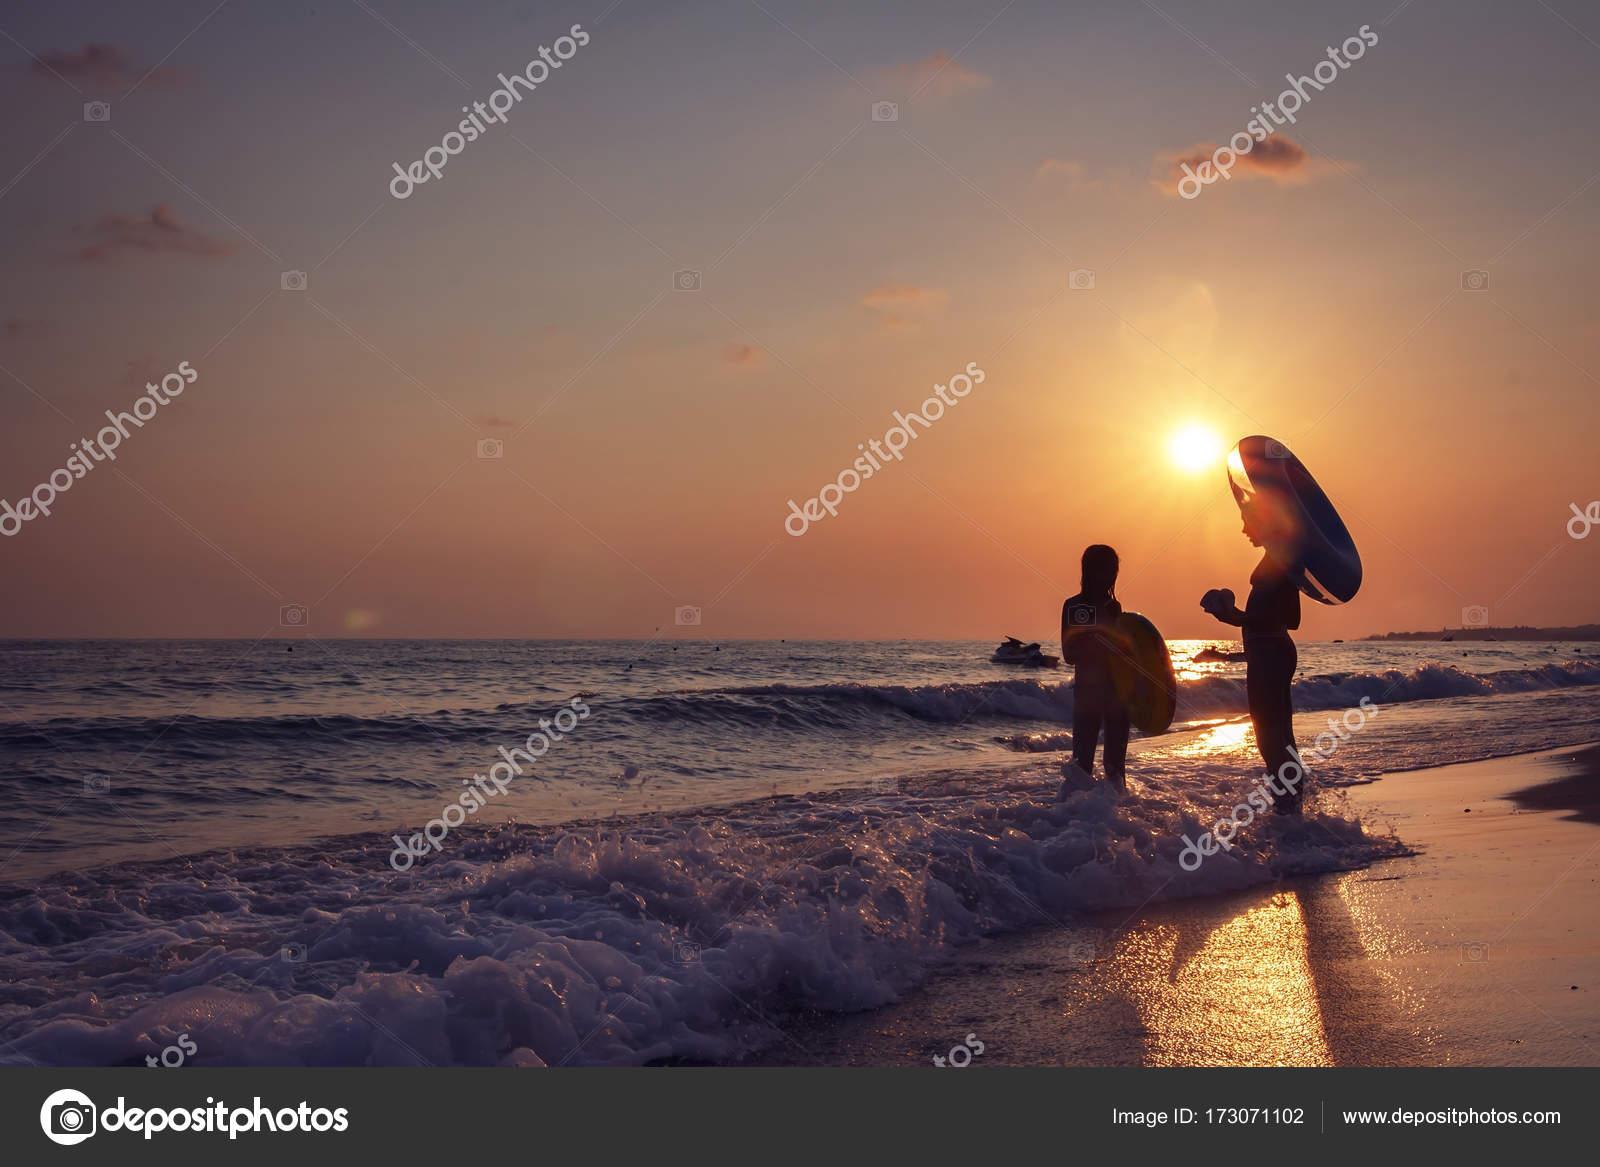 bccd5b3d4 Dos chicas jóvenes relajación en la playa al atardecer. Olas en la playa.  Bañarse en el mar al atardecer– imagen de stock